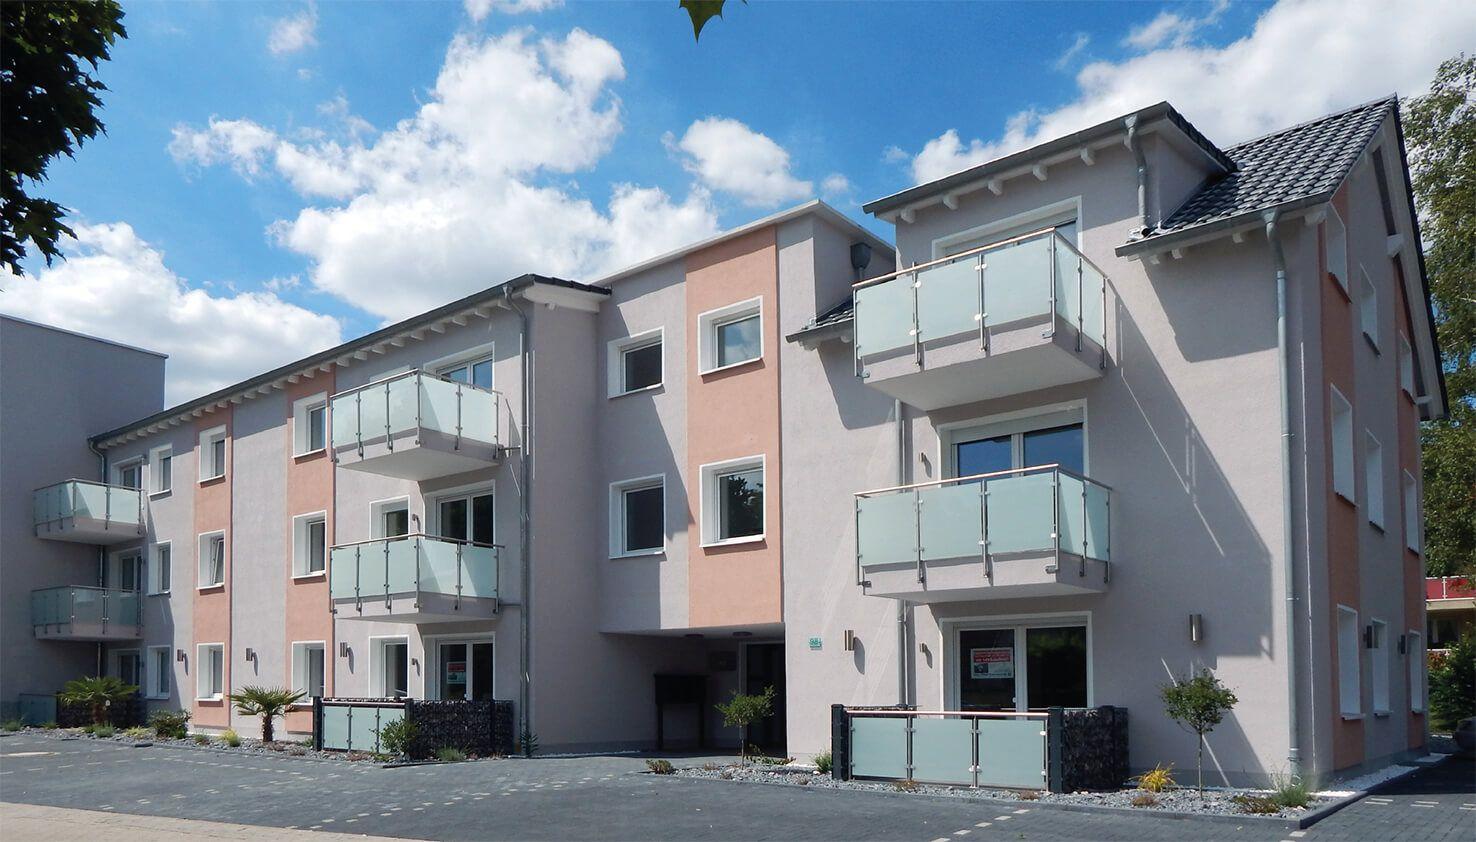 Wohnimmobilien Lavendelgarten Dortmund  VADOXBAU